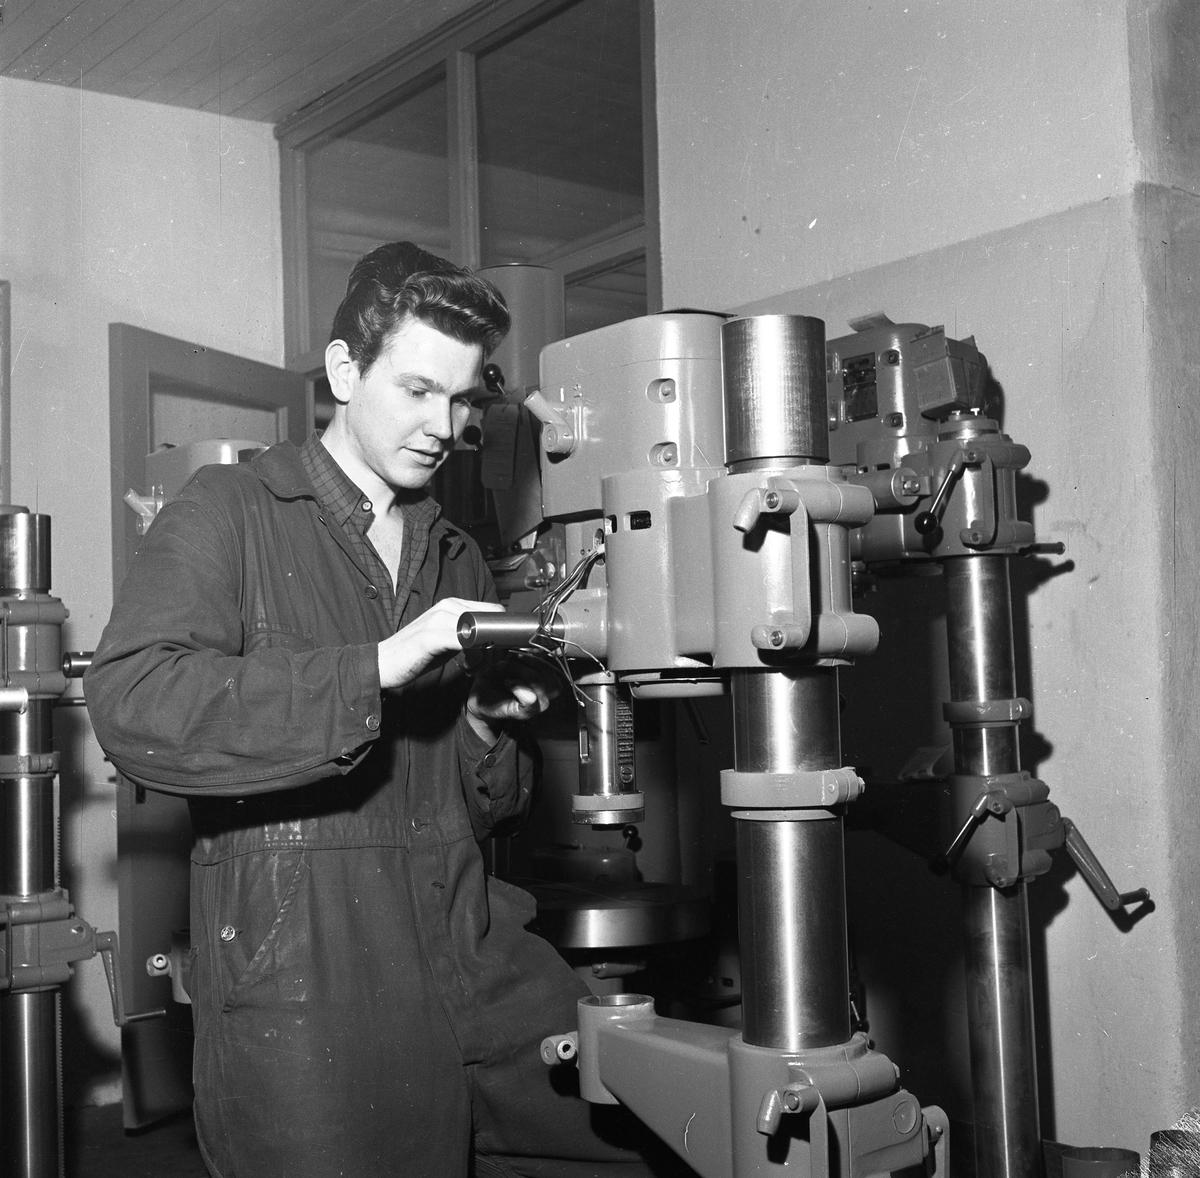 Arboga Maskiner, interiör. En man, iklädd overall, arbetar vid en pelarborrmaskin i en fabrikslokal.  Bilden tagen i samband med AB Arboga Maskiners 25-årsjubileum. Företaget startade 1934 och tillverkar borr-och slipmaskiner.  Läs, om företaget, i Reinhold Carlssons bok Arboga objektivt sett.